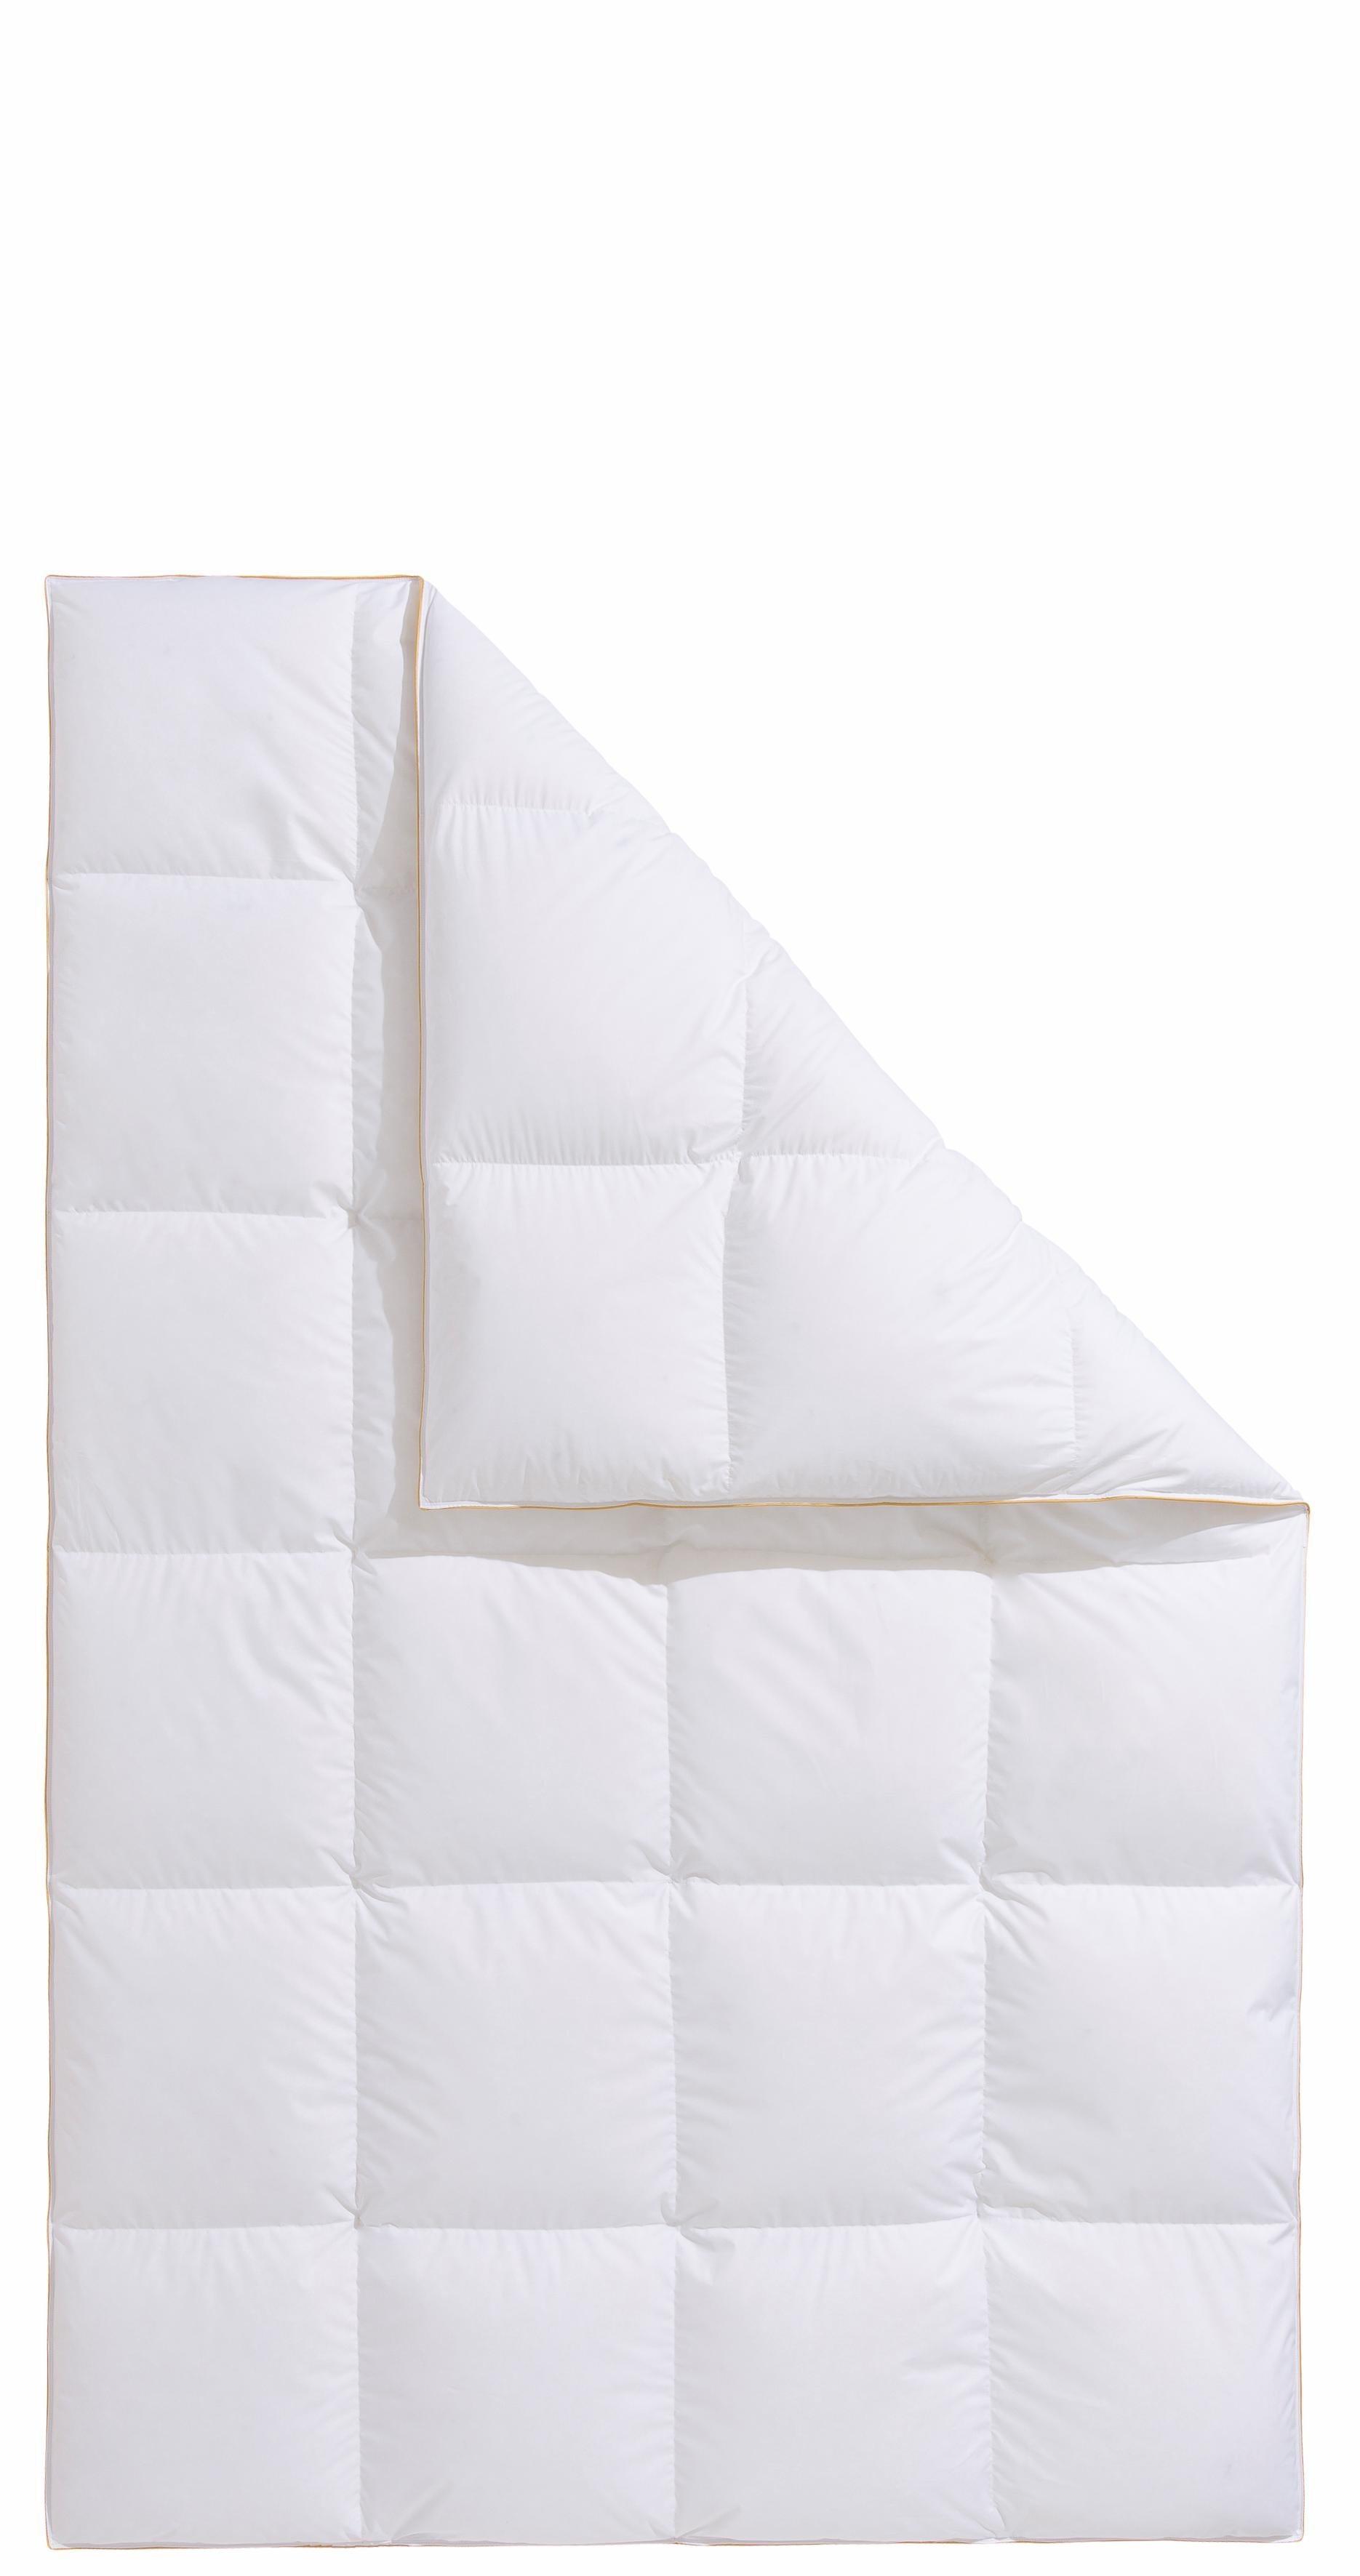 daunendecke 155x220 warm preisvergleich die besten angebote online kaufen. Black Bedroom Furniture Sets. Home Design Ideas